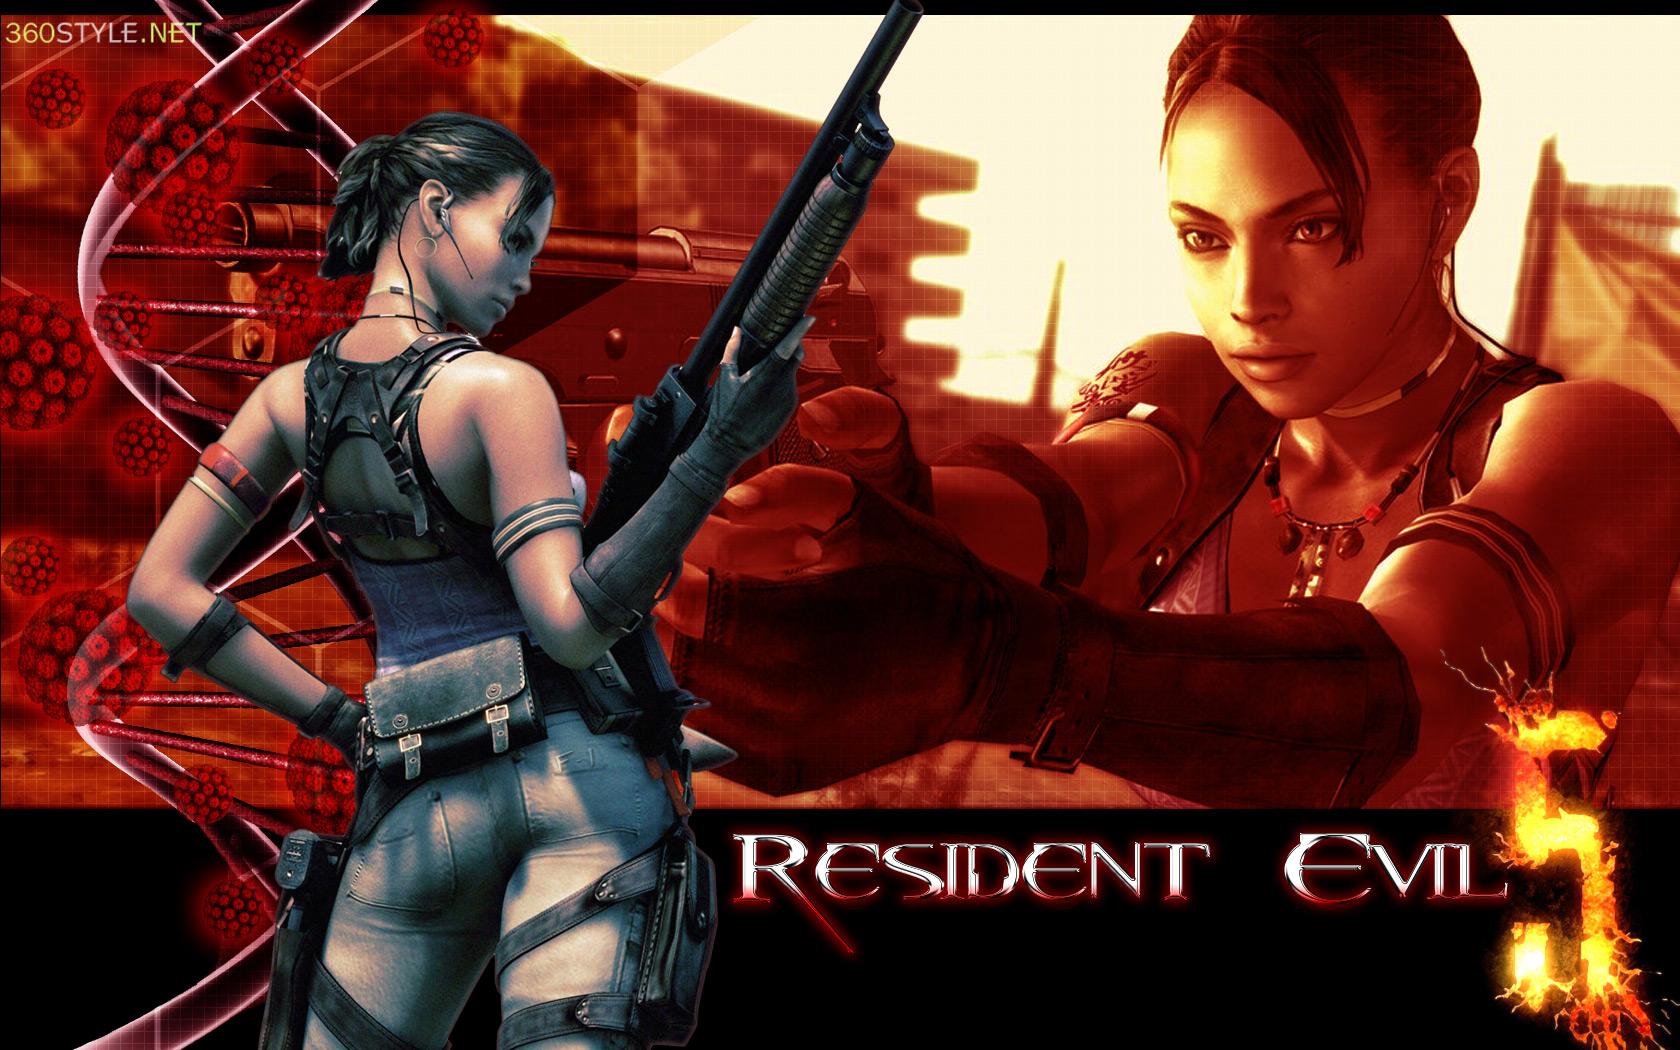 Resident evil 5 wallpaper no 2 by f 1 on deviantart - Wallpaper resident evil 5 ...